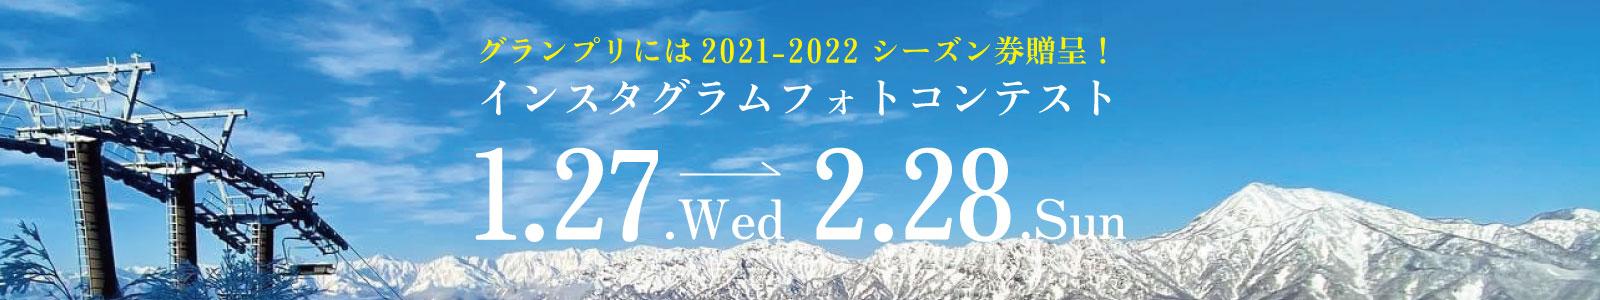 戸隠スキー場インスタグラムフォトコンテスト開催!